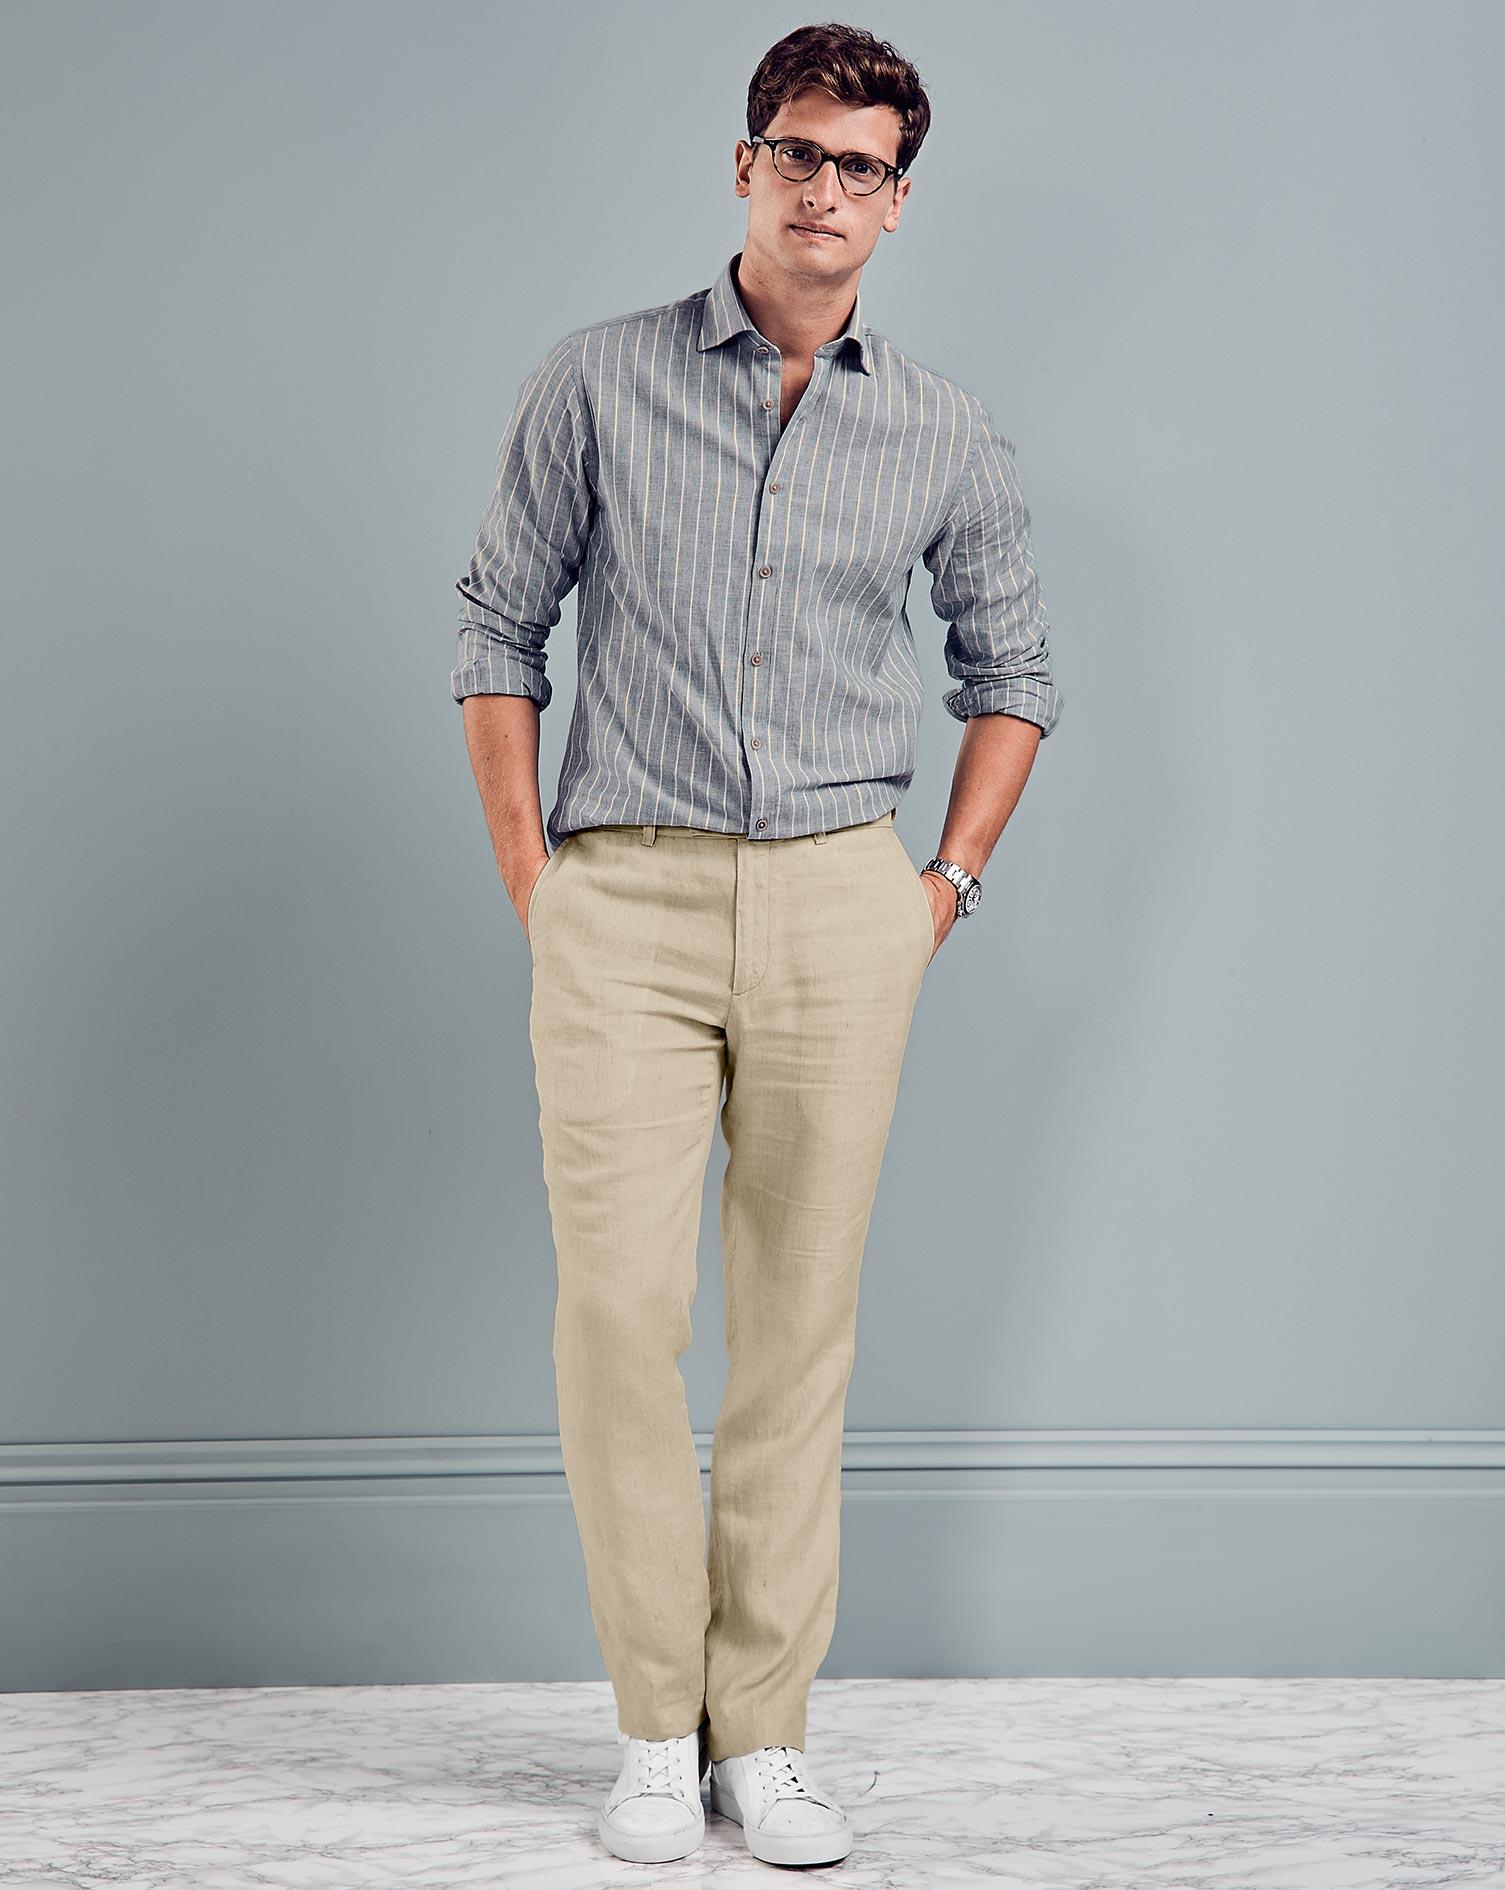 Dress Down Friday Charles Tyrwhitt